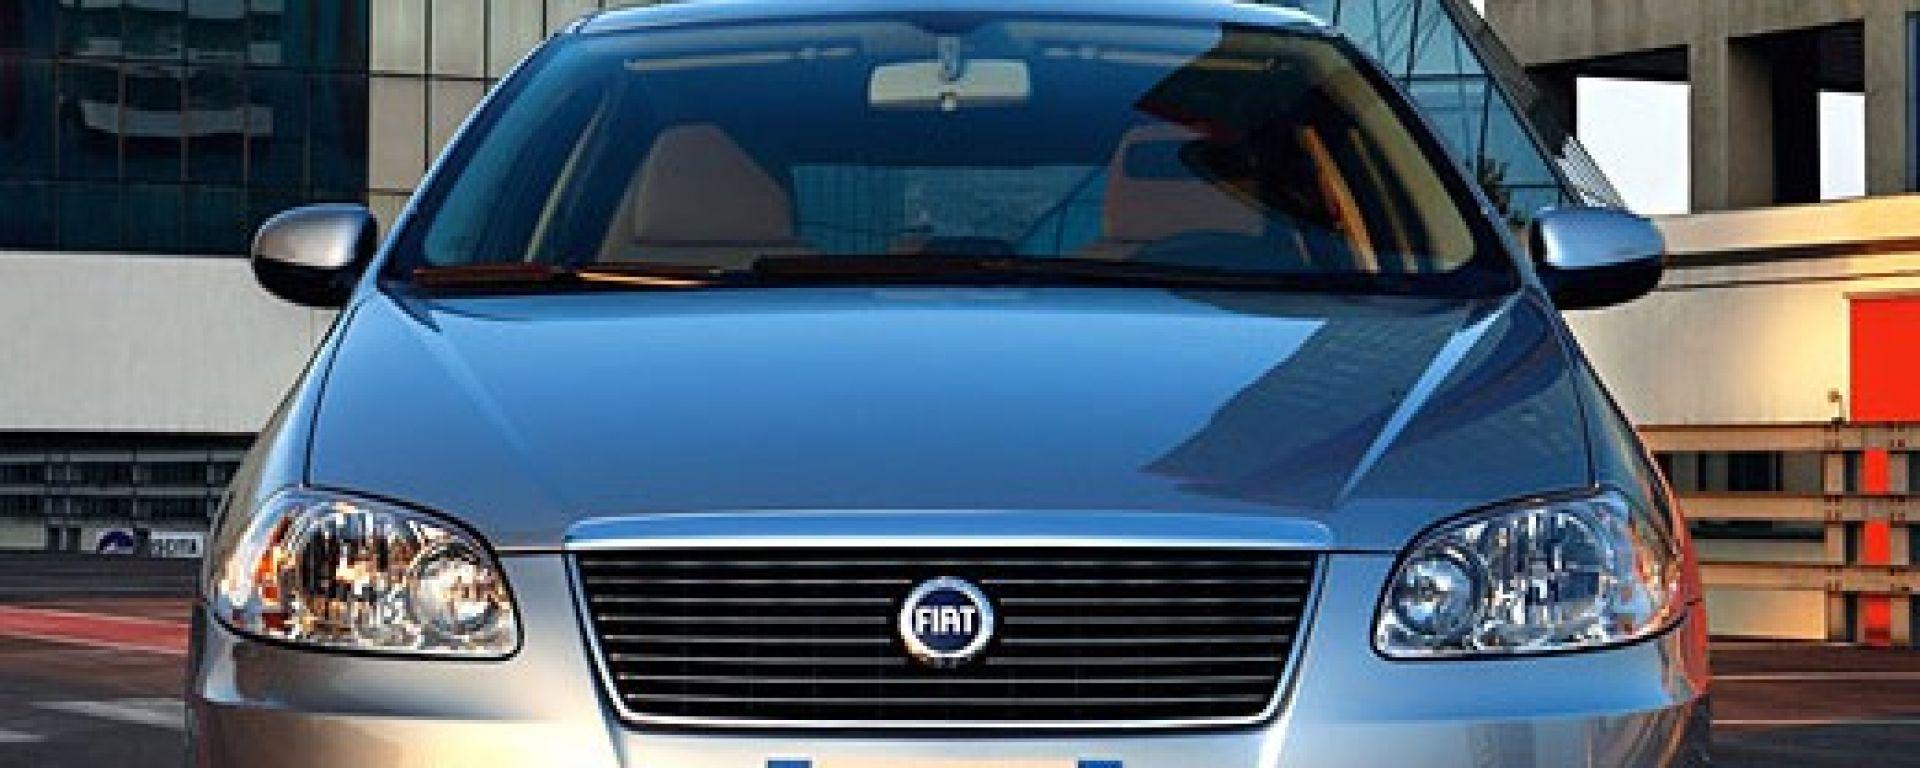 Il prezzo vero della Fiat Croma